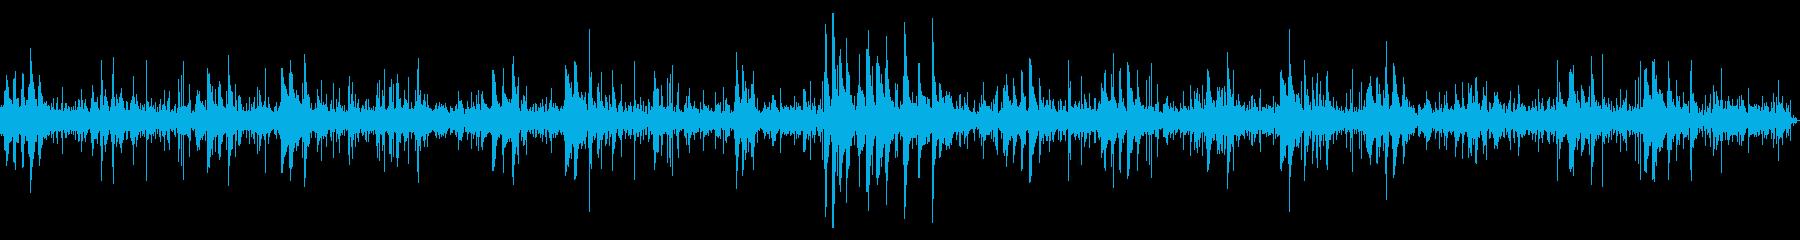 環境音をBGMにしたピアノのヒーリング曲の再生済みの波形